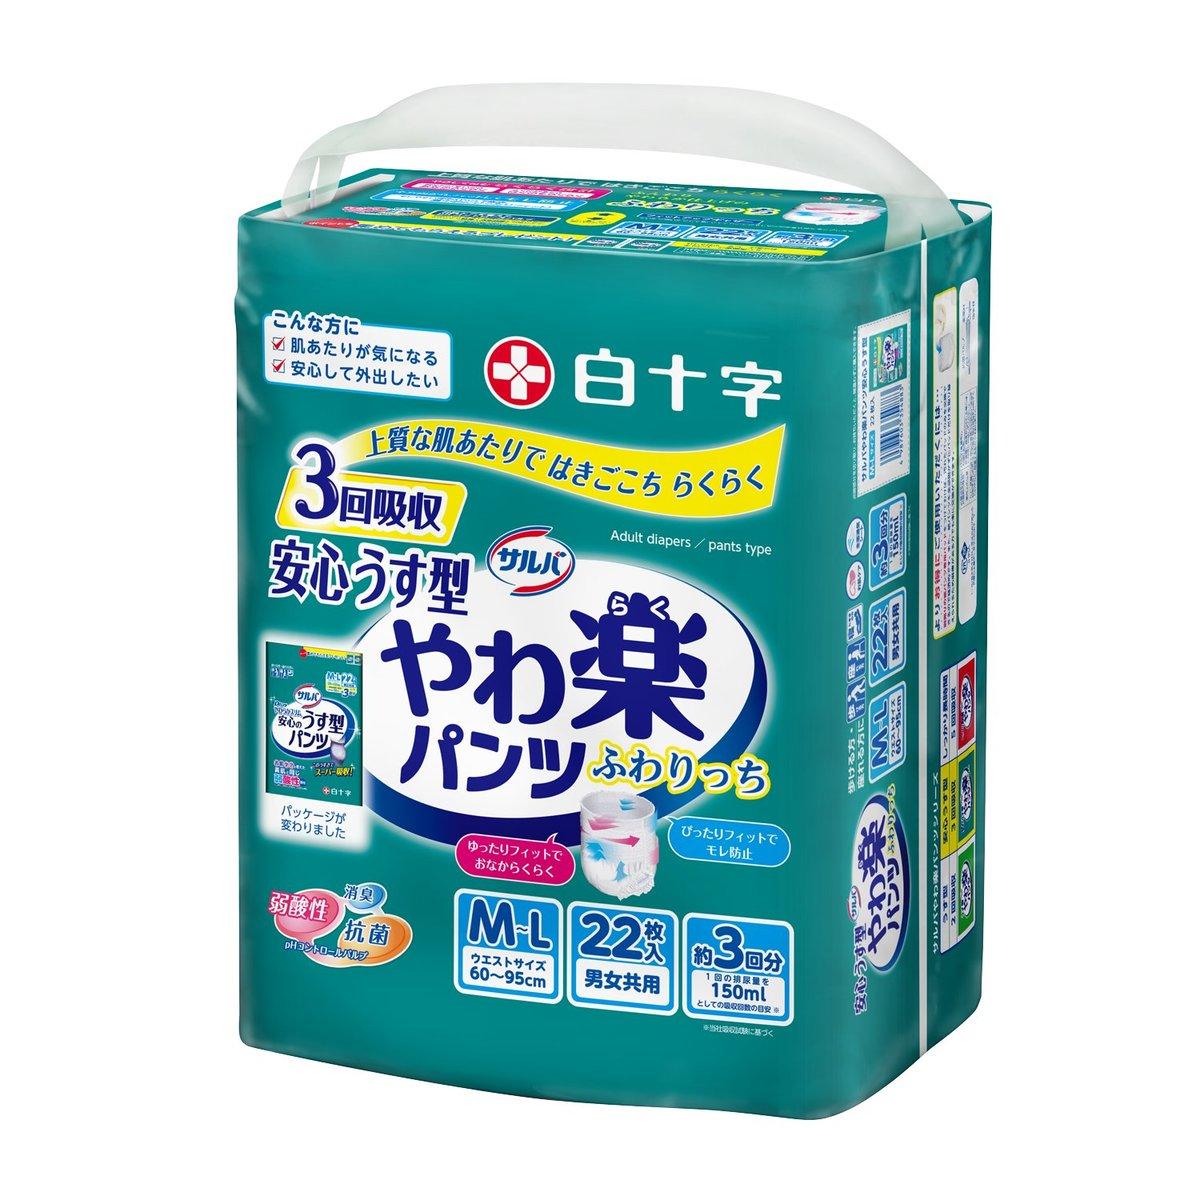 日本喜舒樂成人紙尿褲-中碼(輕巧型) 01010221